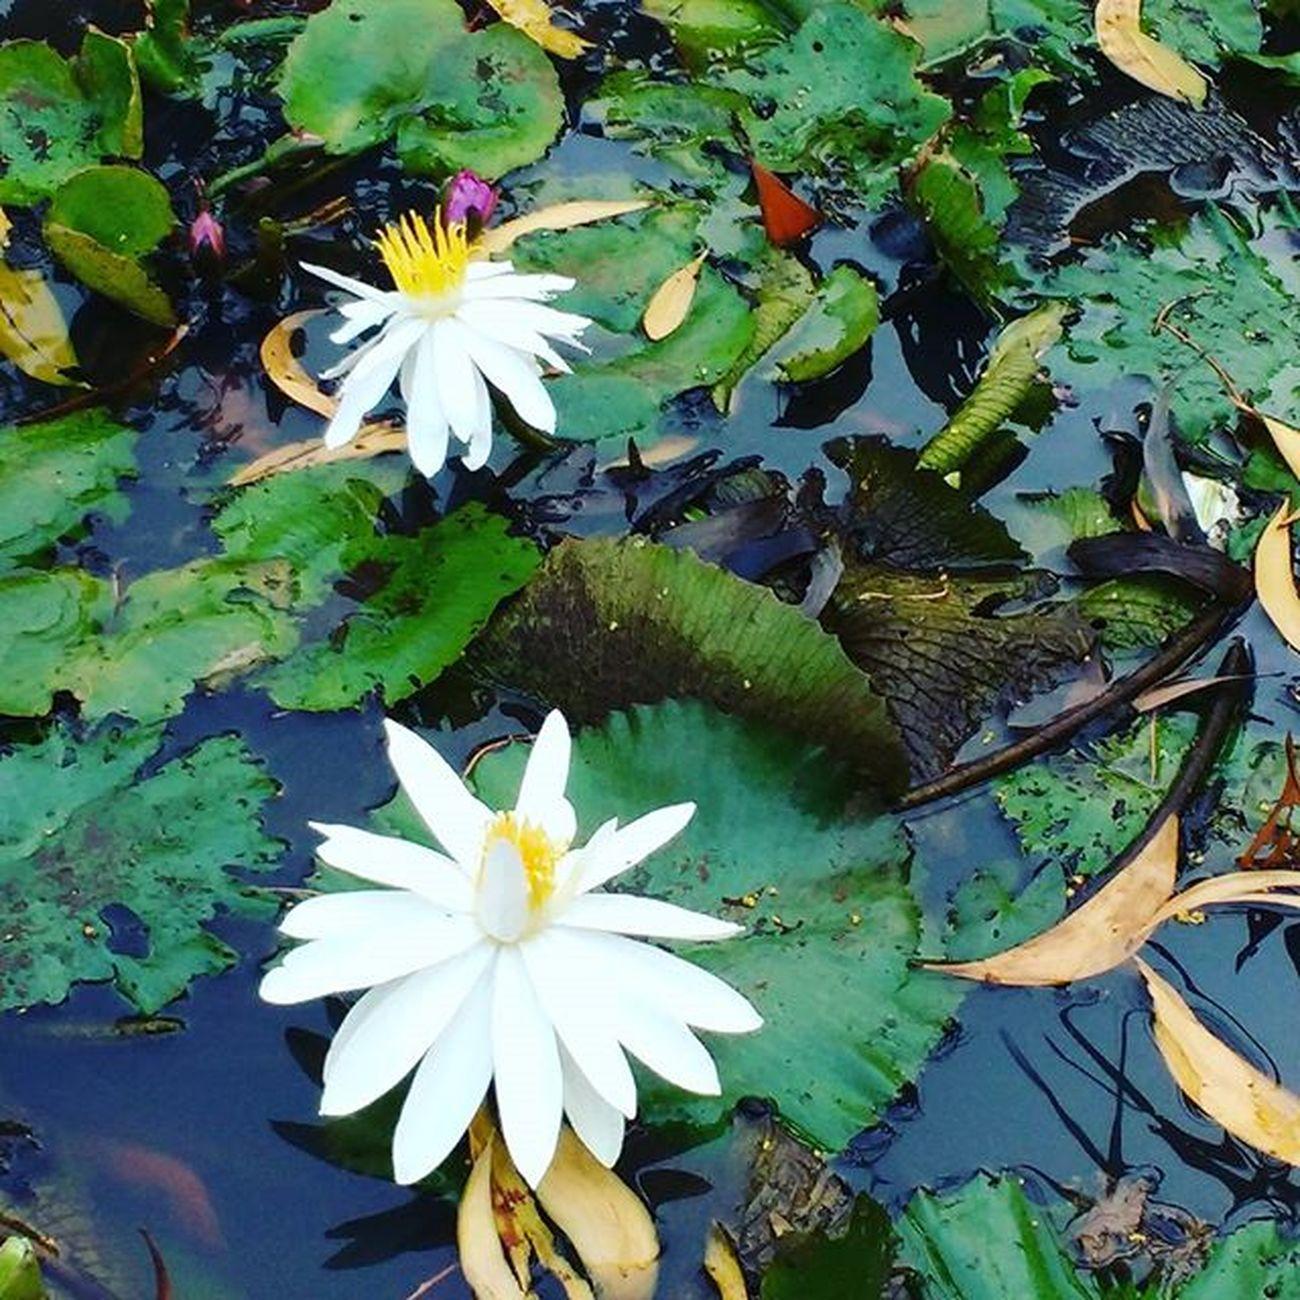 NaturalBeauty Beauty Flowers Flower Dassaumen Saumen Dass Sdas Saumendas Sid